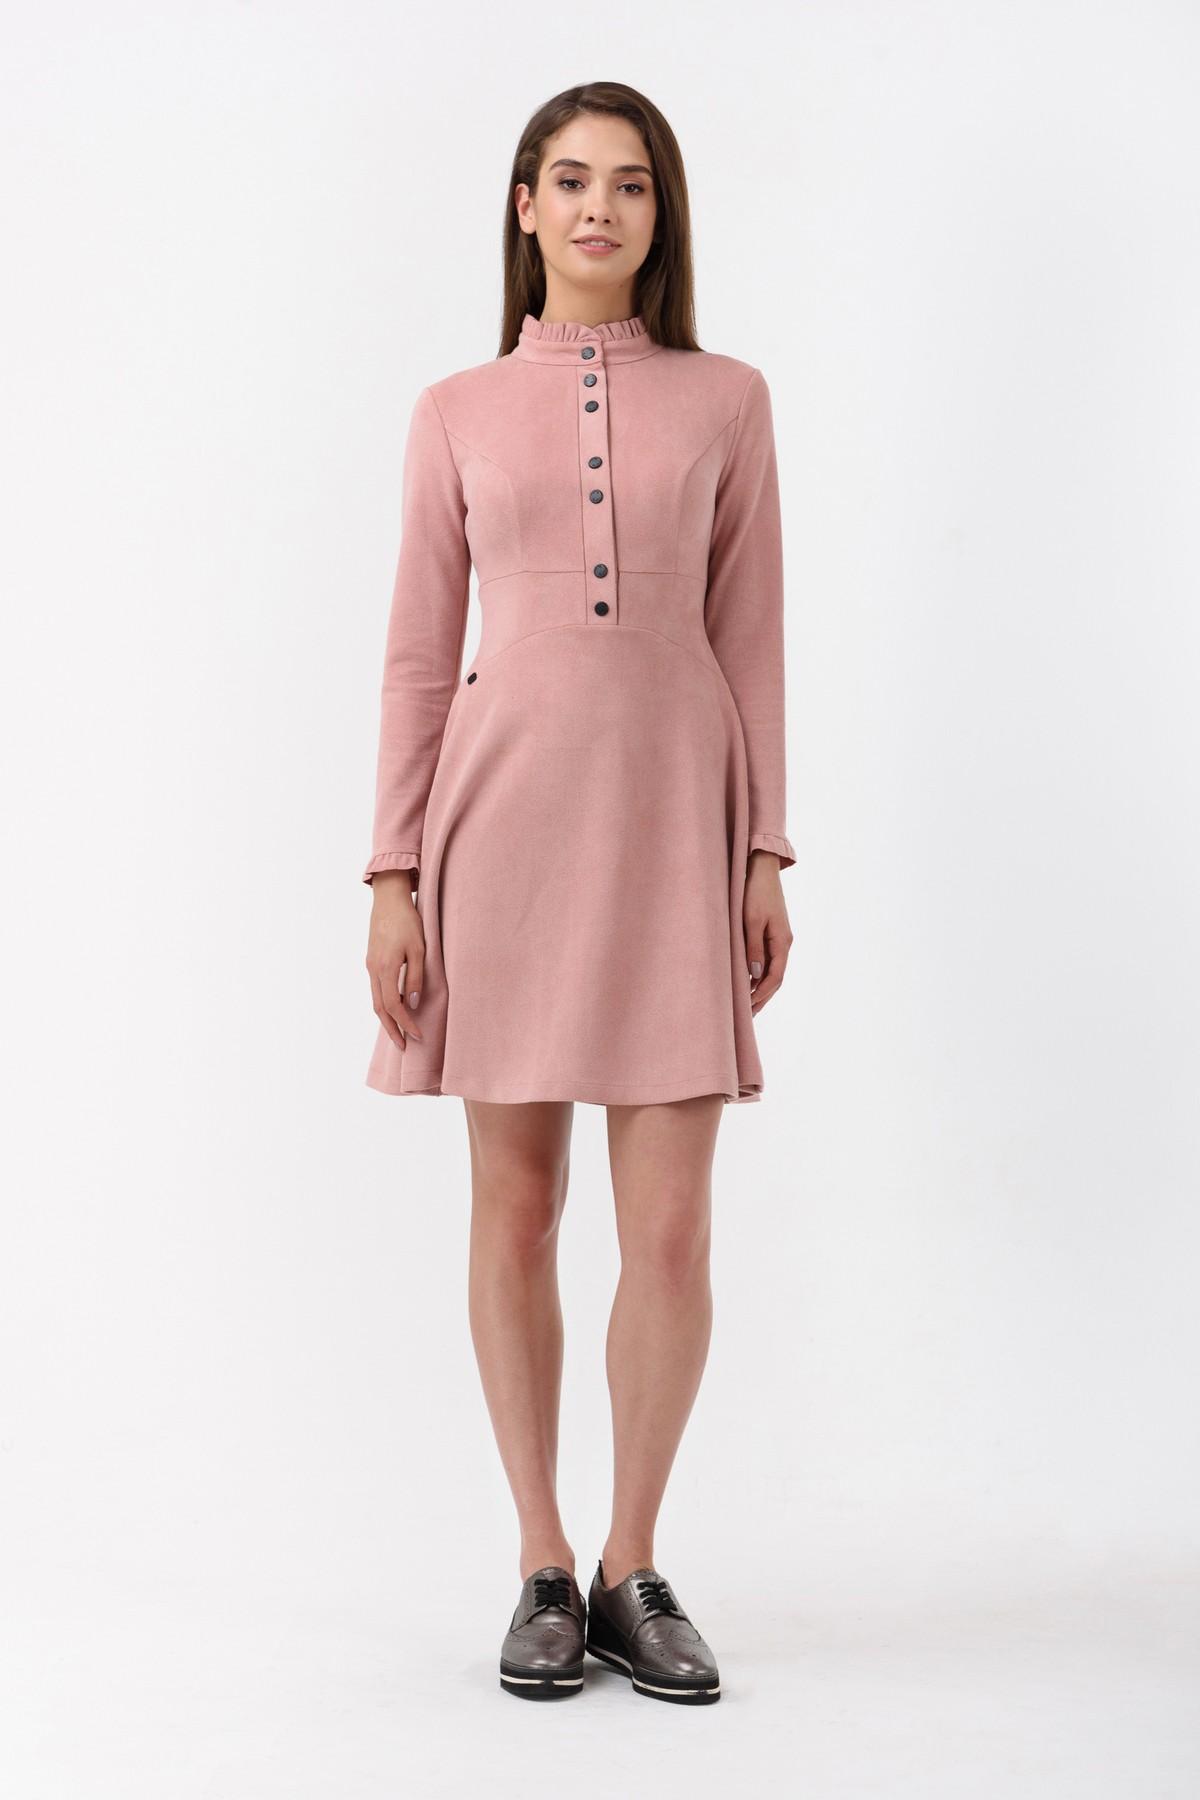 110cc1980239 Осеннее платье с длинным рукавом и чокером RM1878-18DD, розовый, нажмите  для увеличения